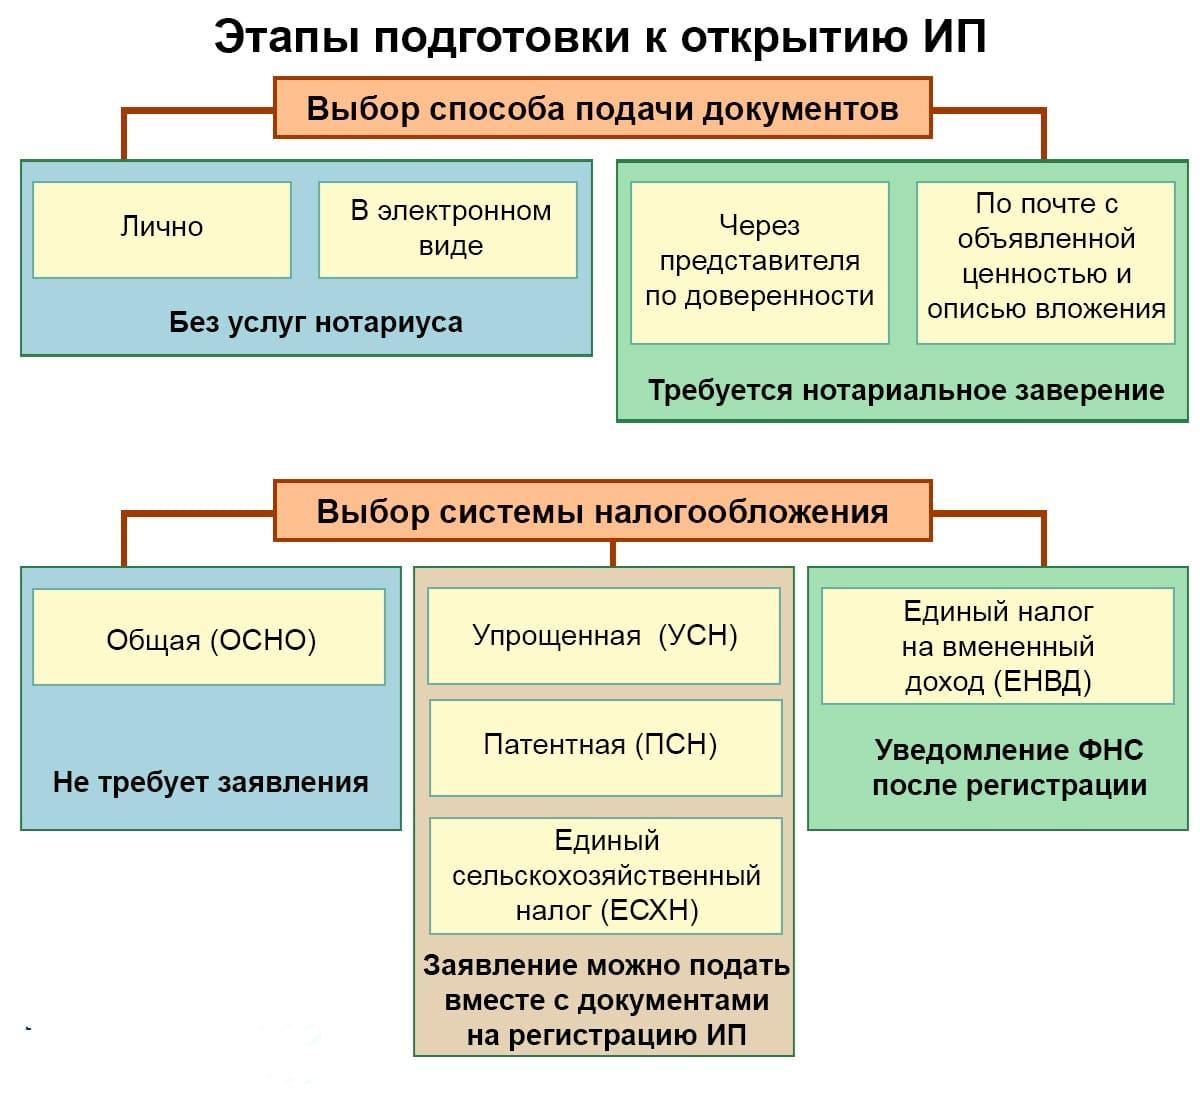 инструция, как открыть ИП